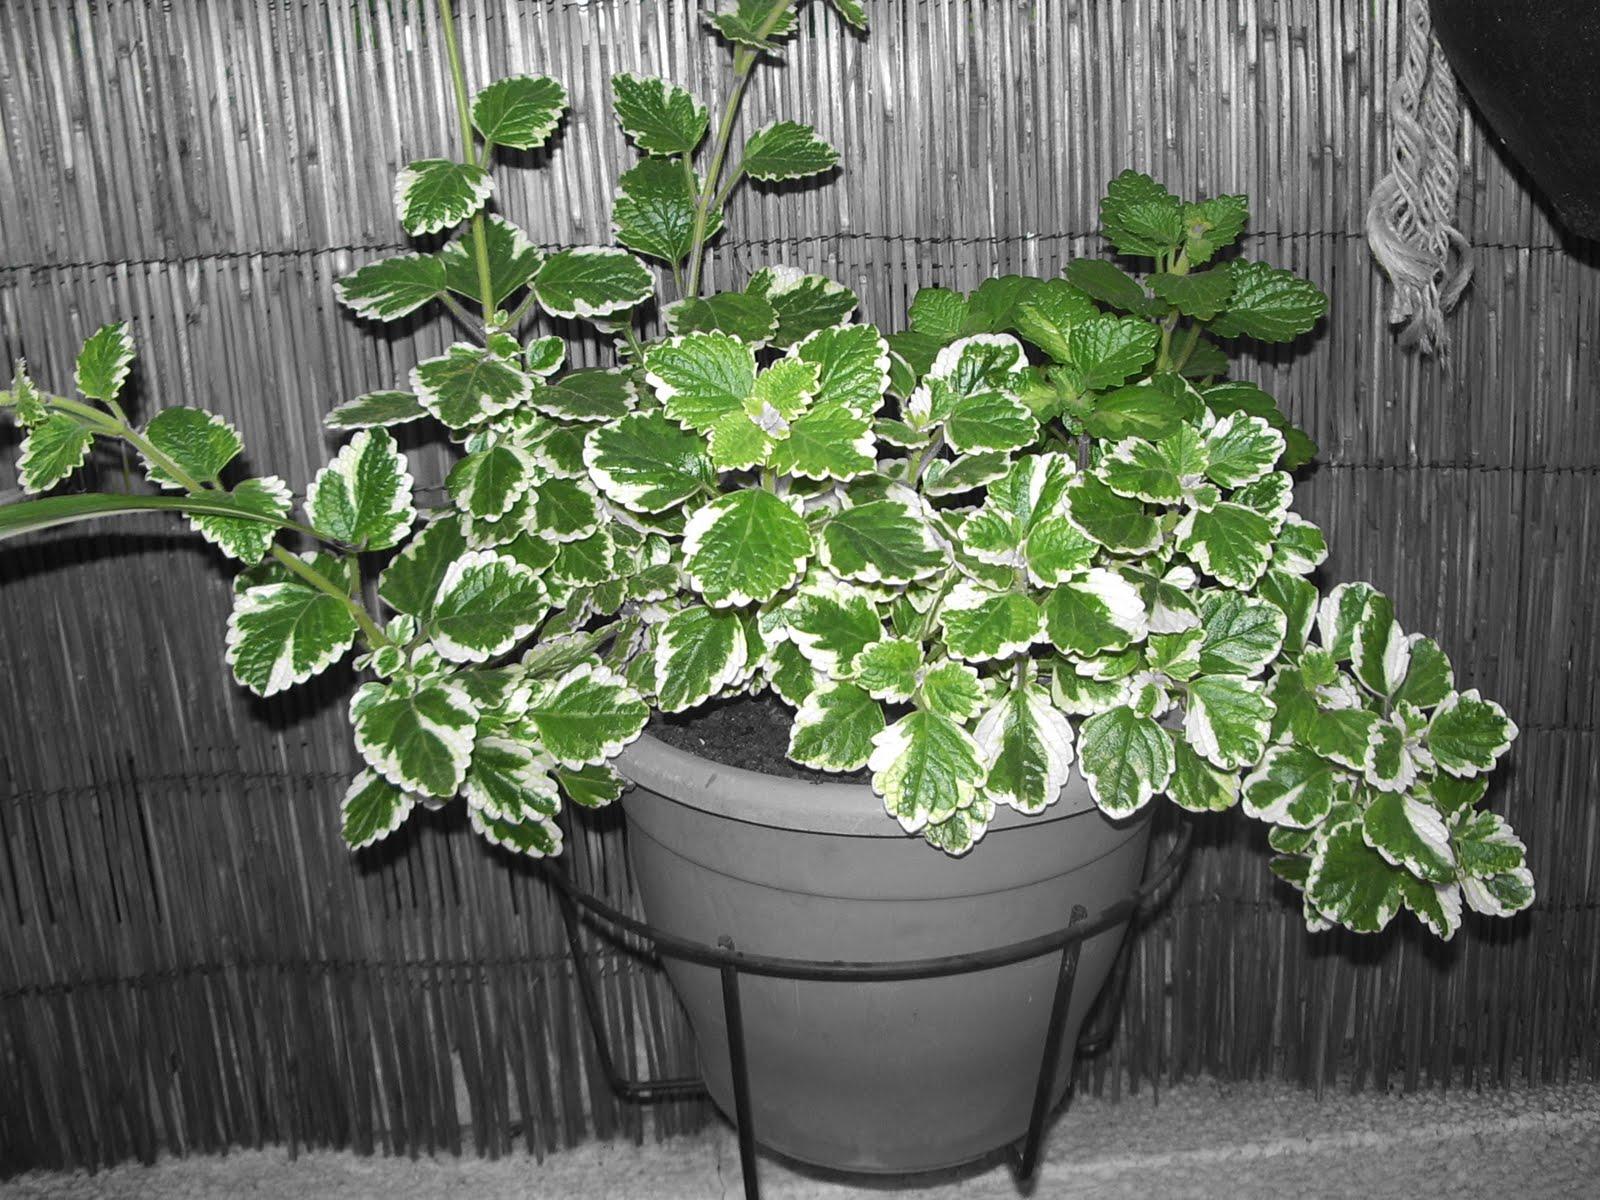 un jardin en macetas plectranthus madagascariensis